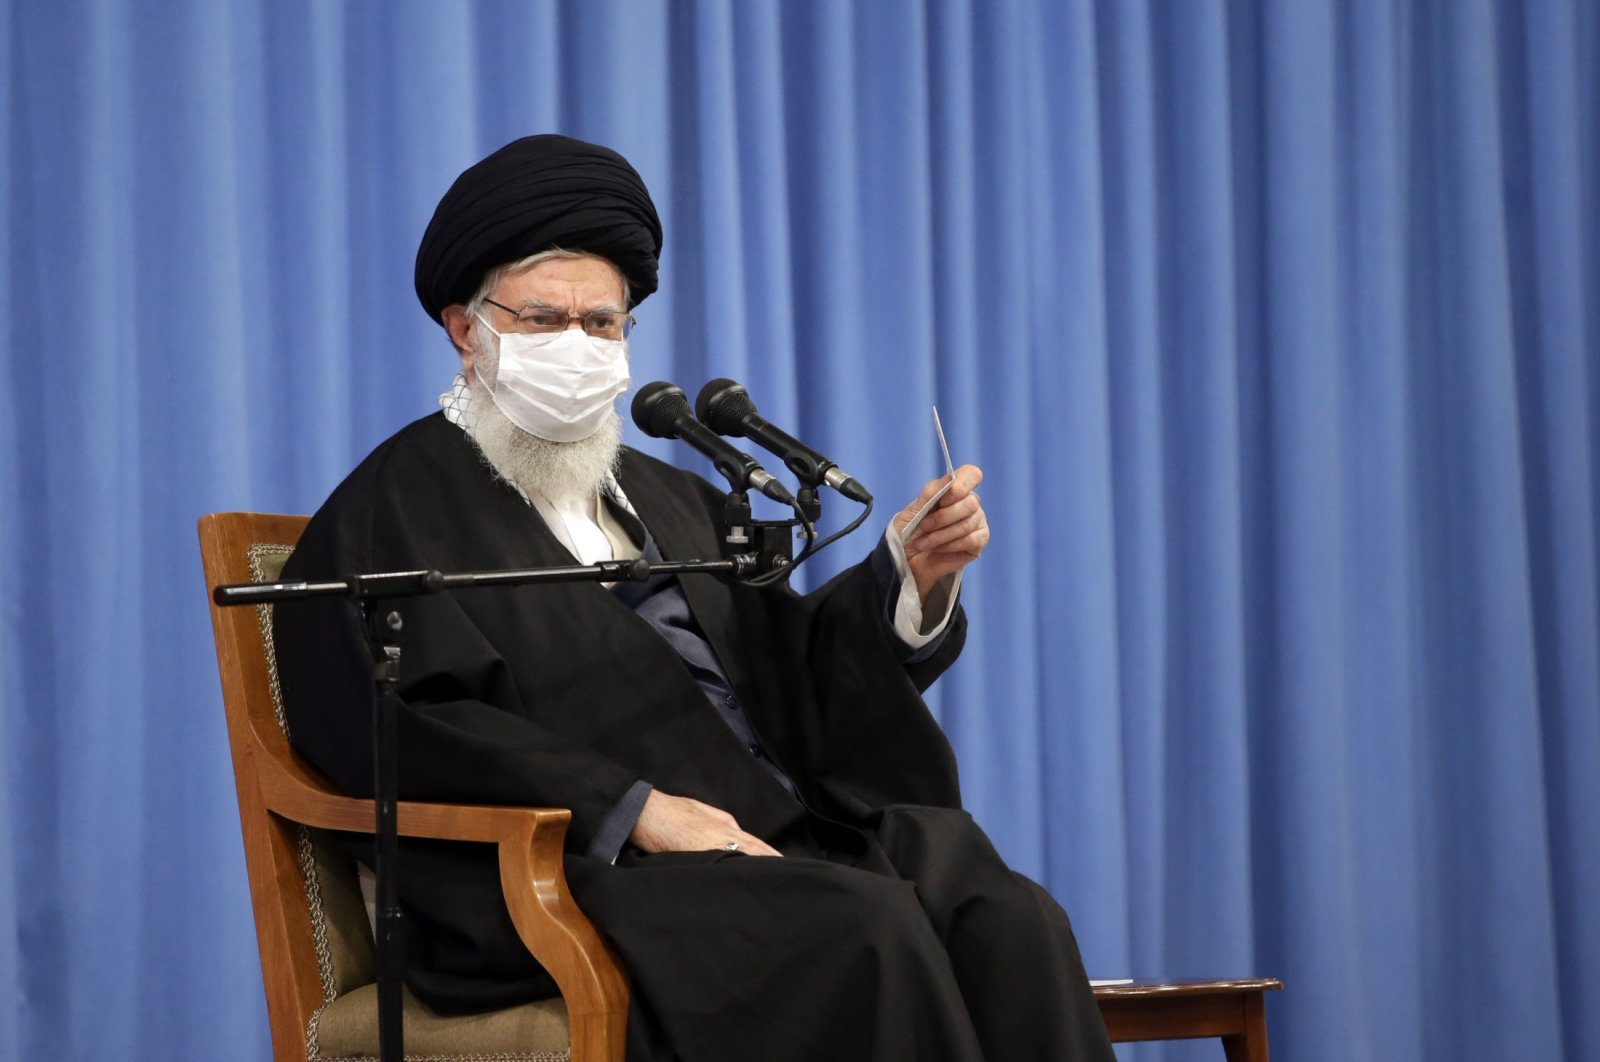 Supreme Leader Ayatollah Ali Khamenei speaks in a meeting, in Tehran, Iran, Dec. 16, 2020. (AP Photo)